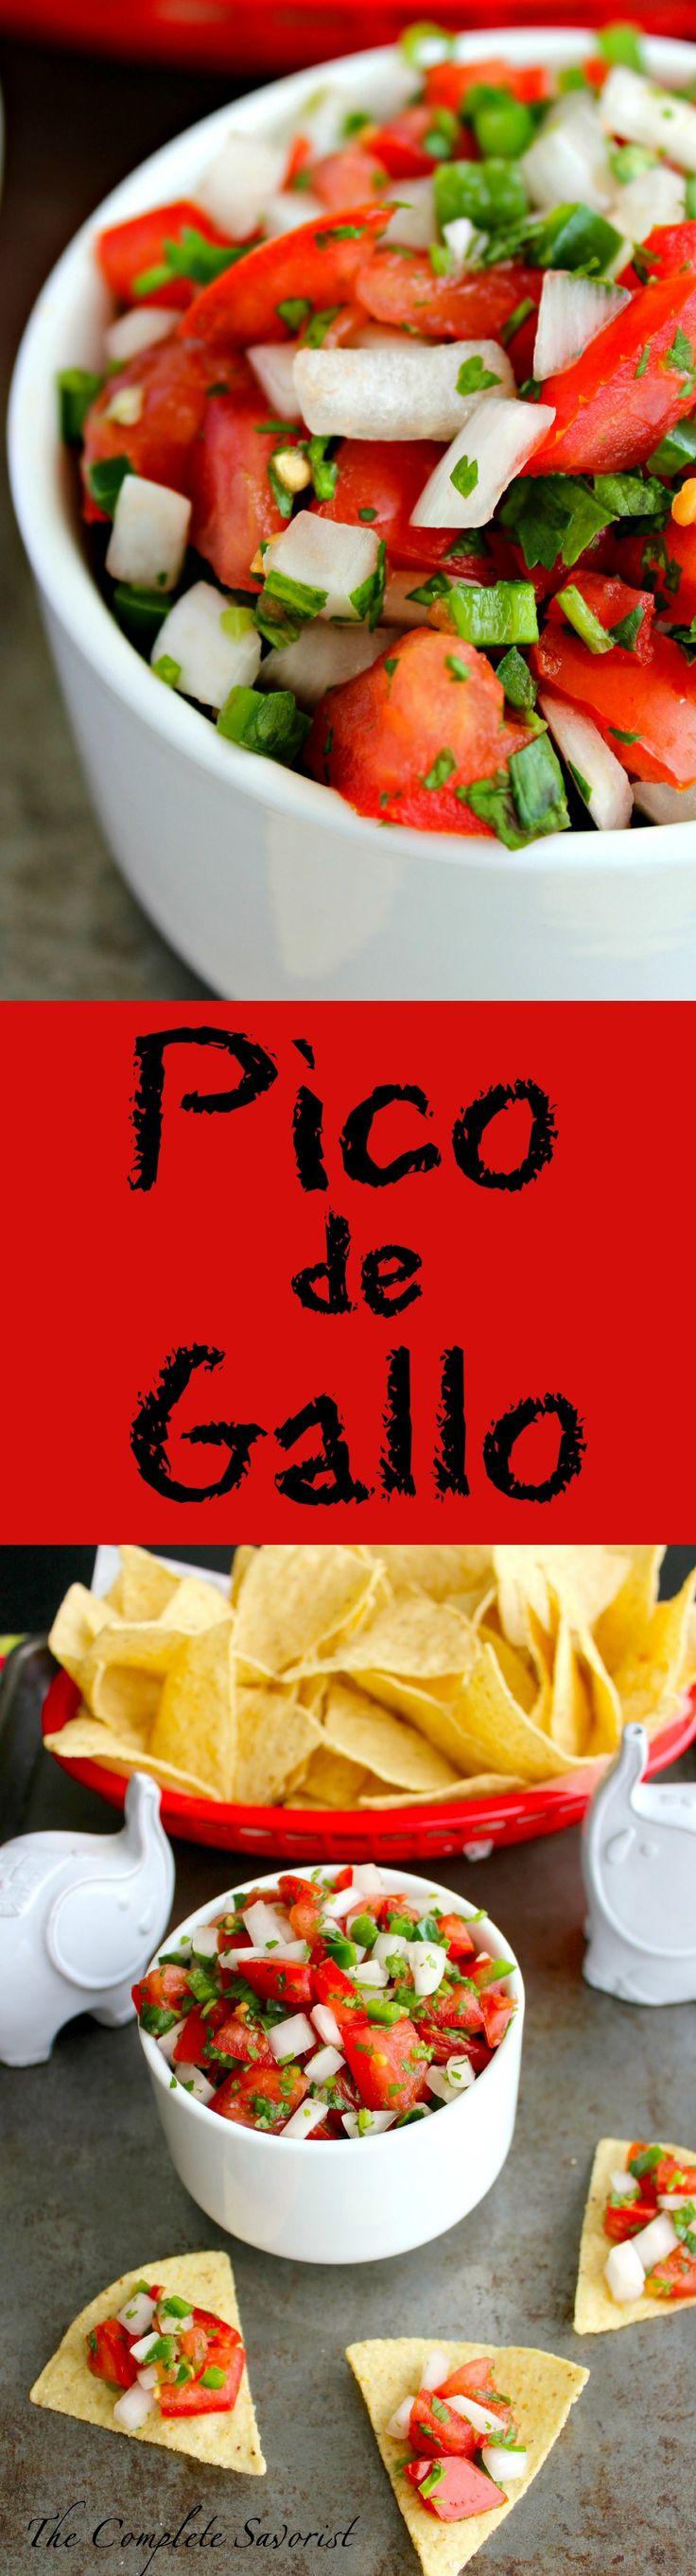 Pico de Gallo ~ The Complete Savorist                                                                                                                                                     Más